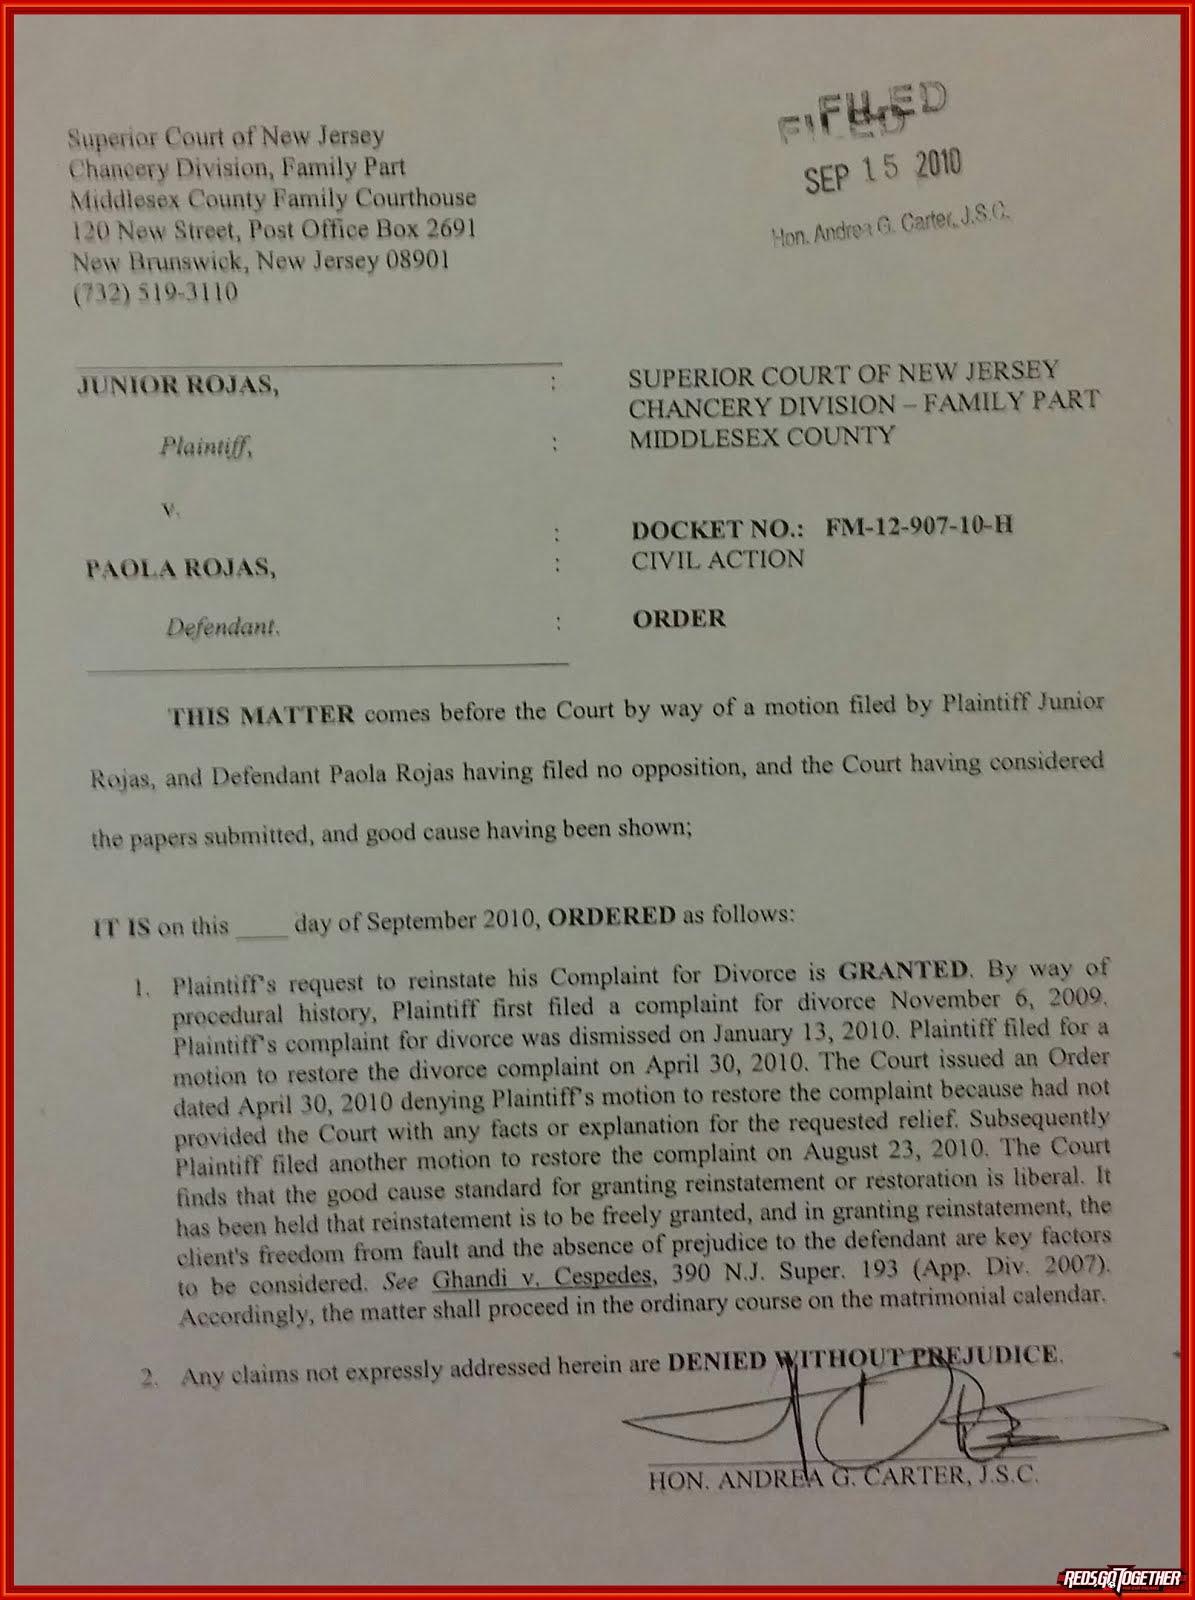 FAMILY COURT = CIVIL ACTION DOCKET # FM-12-907-10H JUNIOR ROJAS PLAINTIFF VS PAOLA ROJAS DEFENDANT